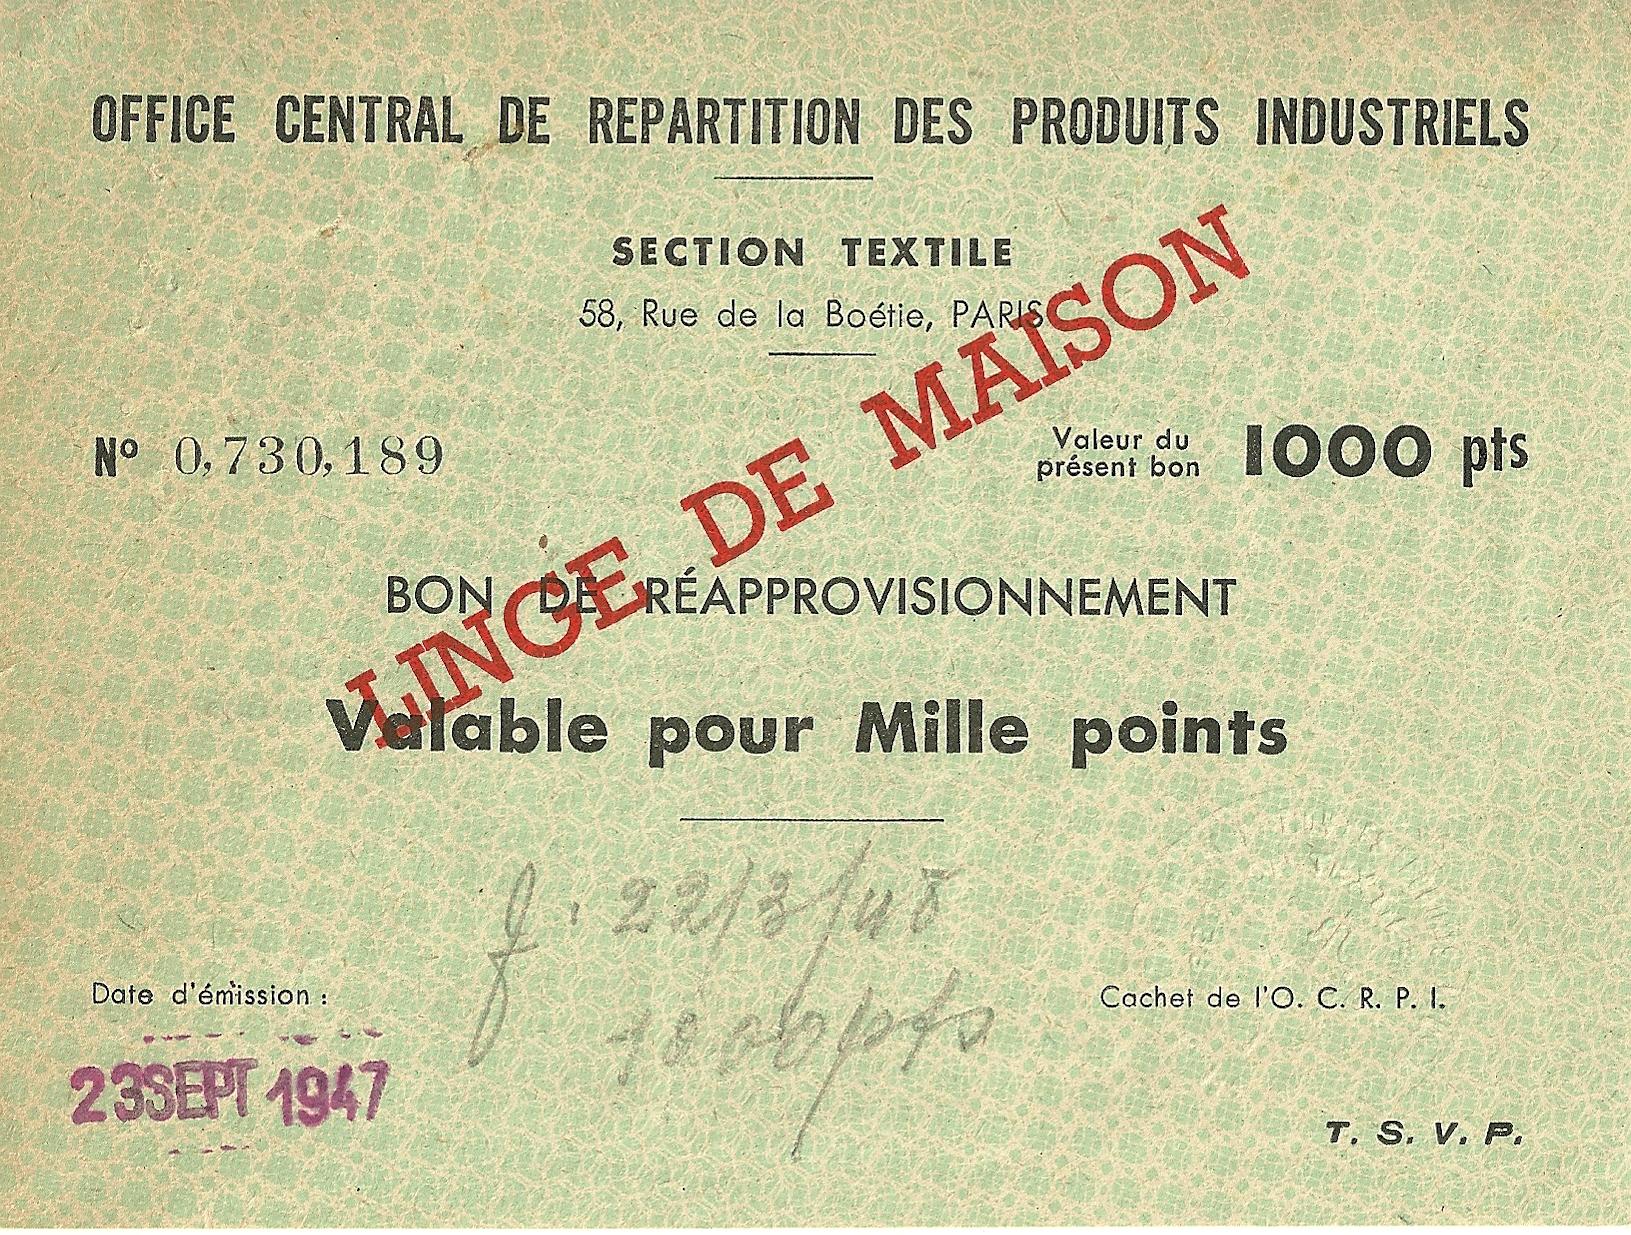 SECTION TEXTILE - BON DE REAPPROVISIONNEMENT - Valable pour Mille points - 0,730,189